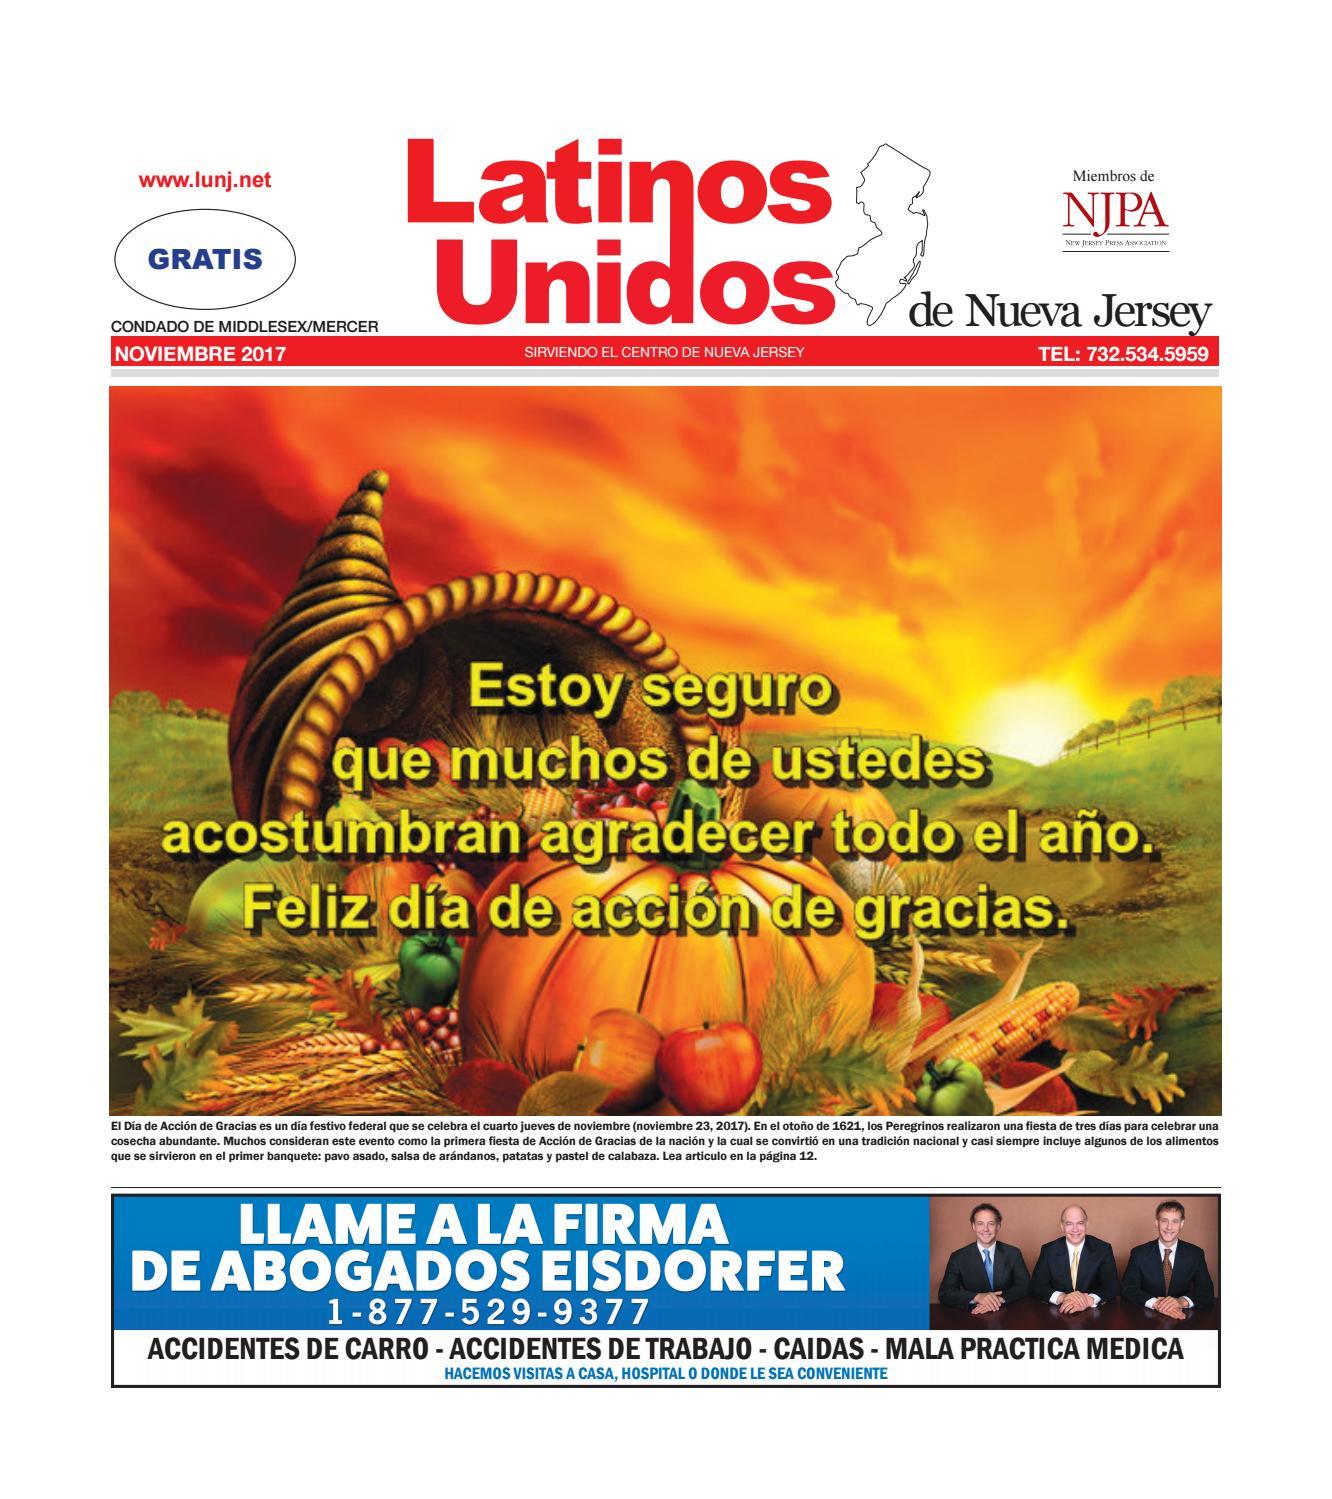 LUNJ Middlesex - Mercer November 2017 by Latinos Unidos de NJ - issuu b61474a0fff6c